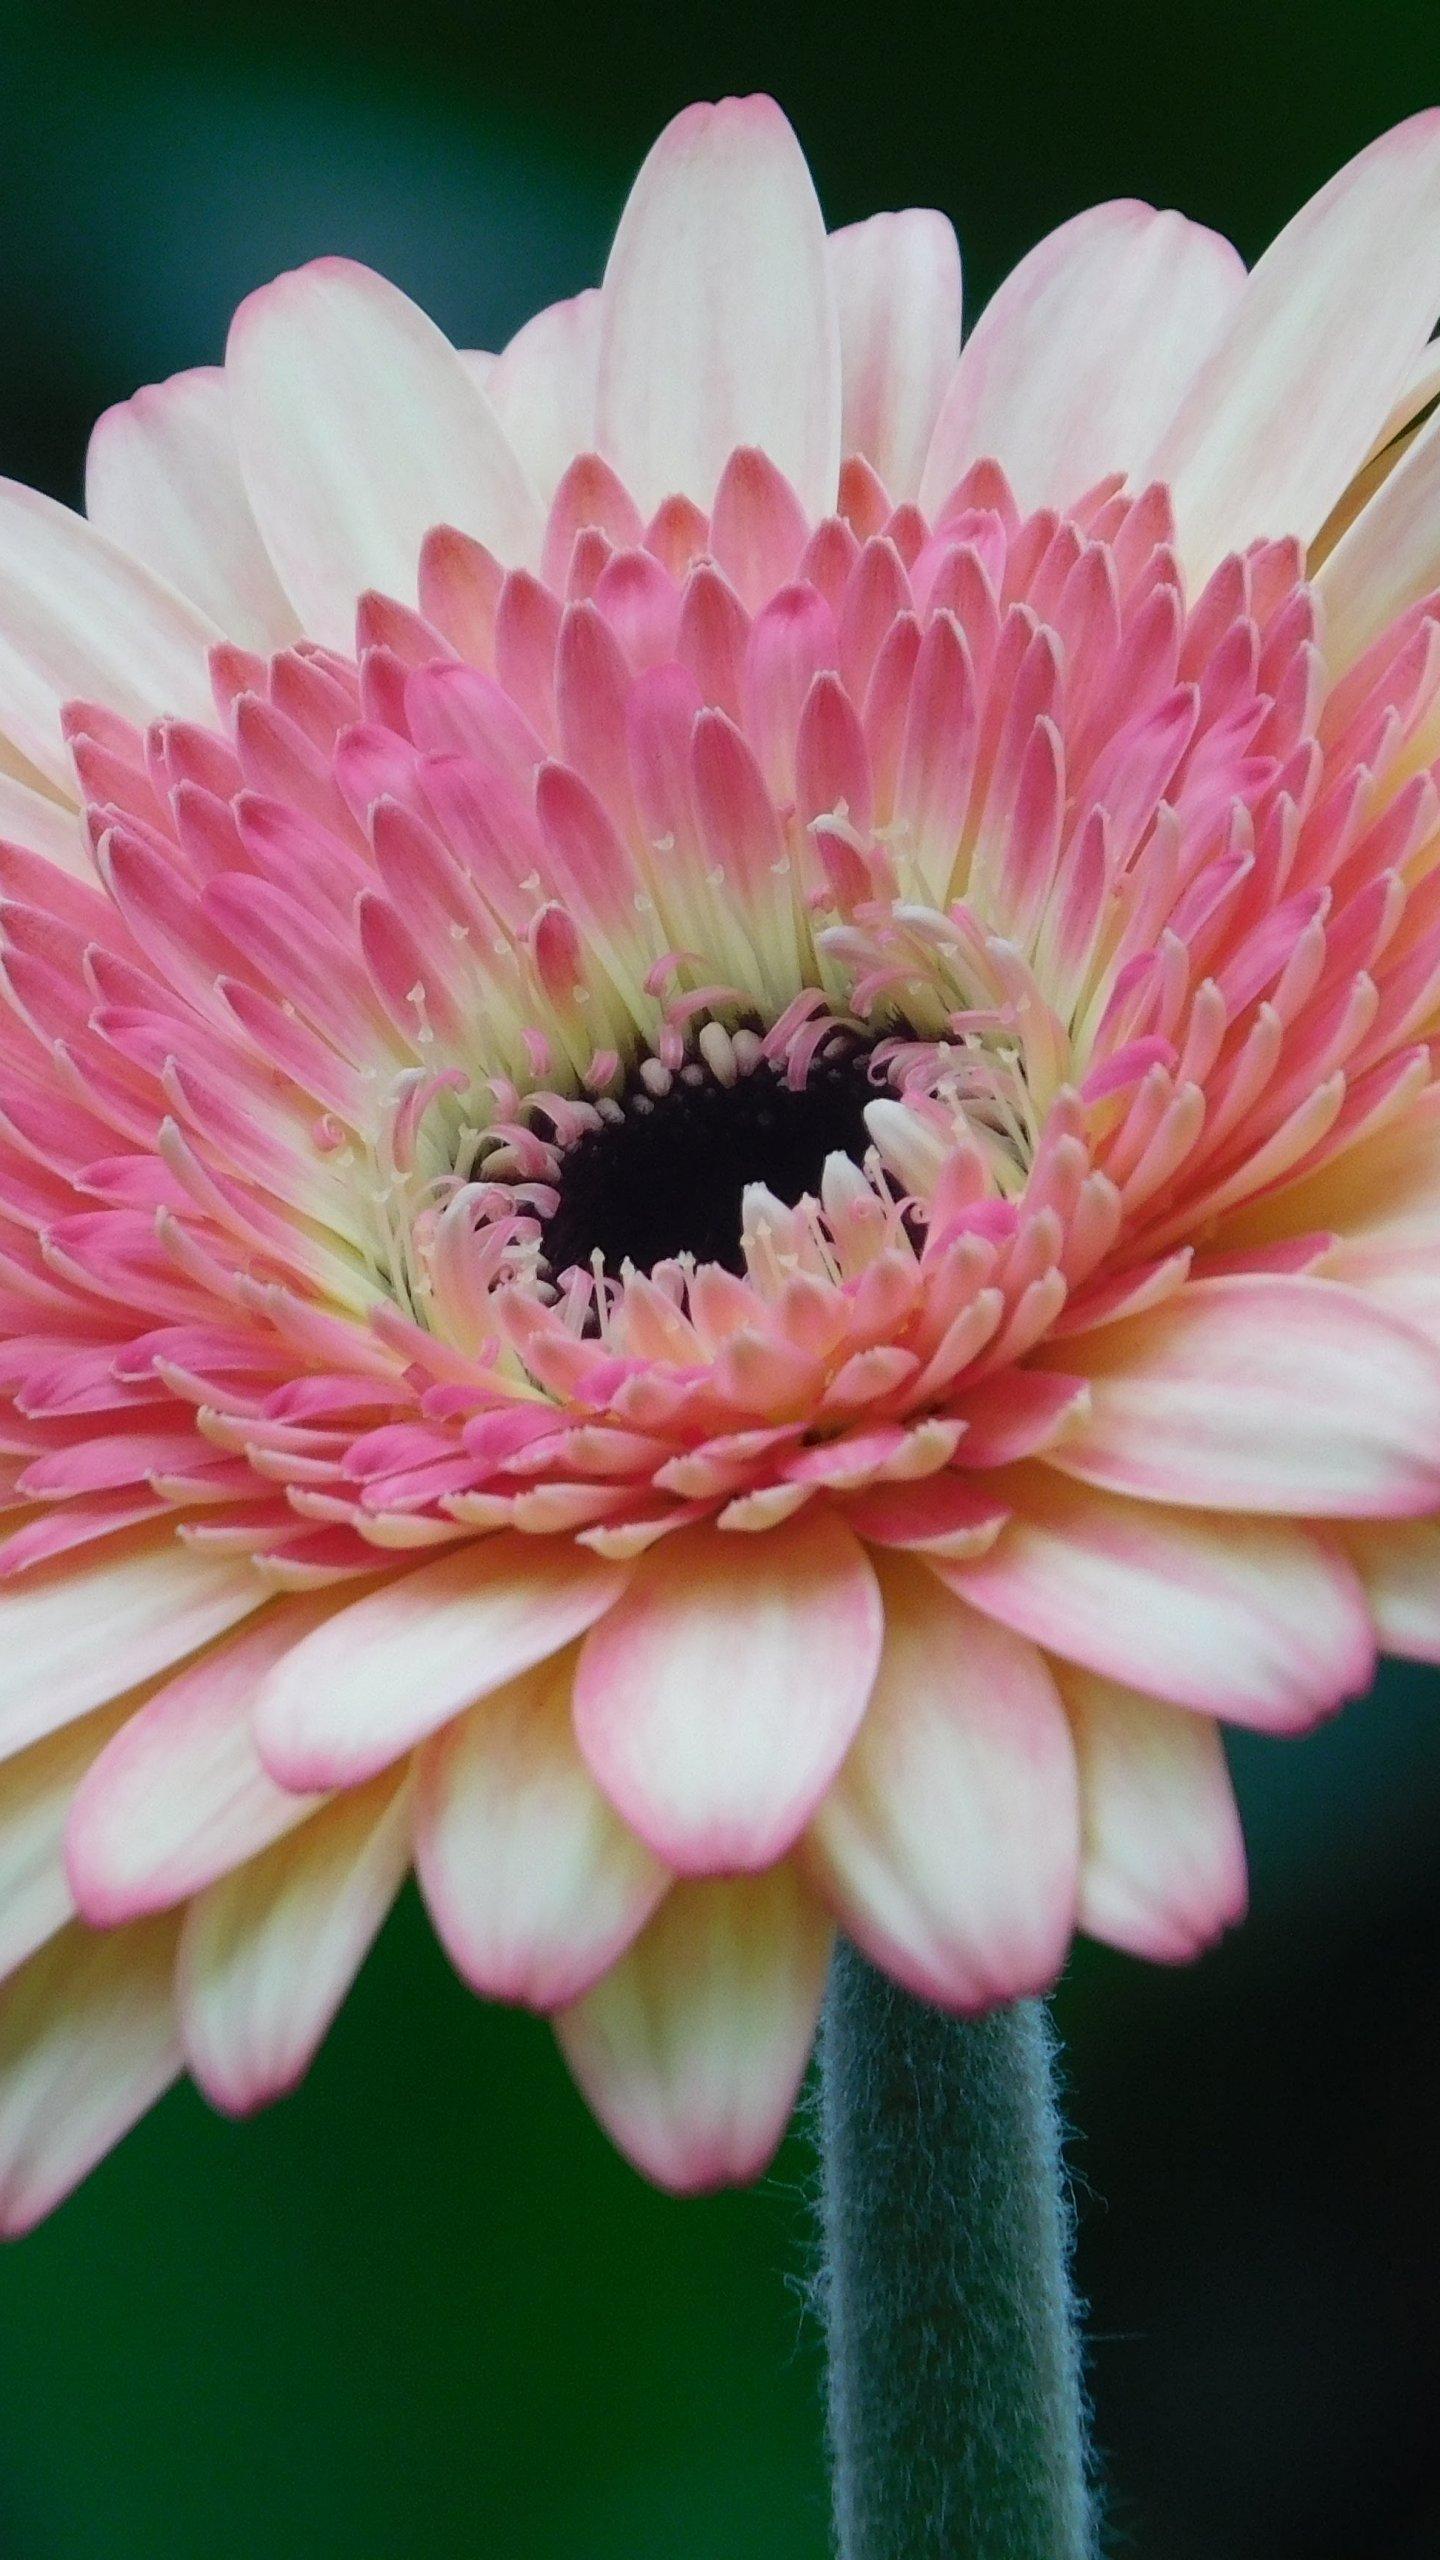 Pink Gerbera Daisy Flower Wallpaper Iphone Android Desktop